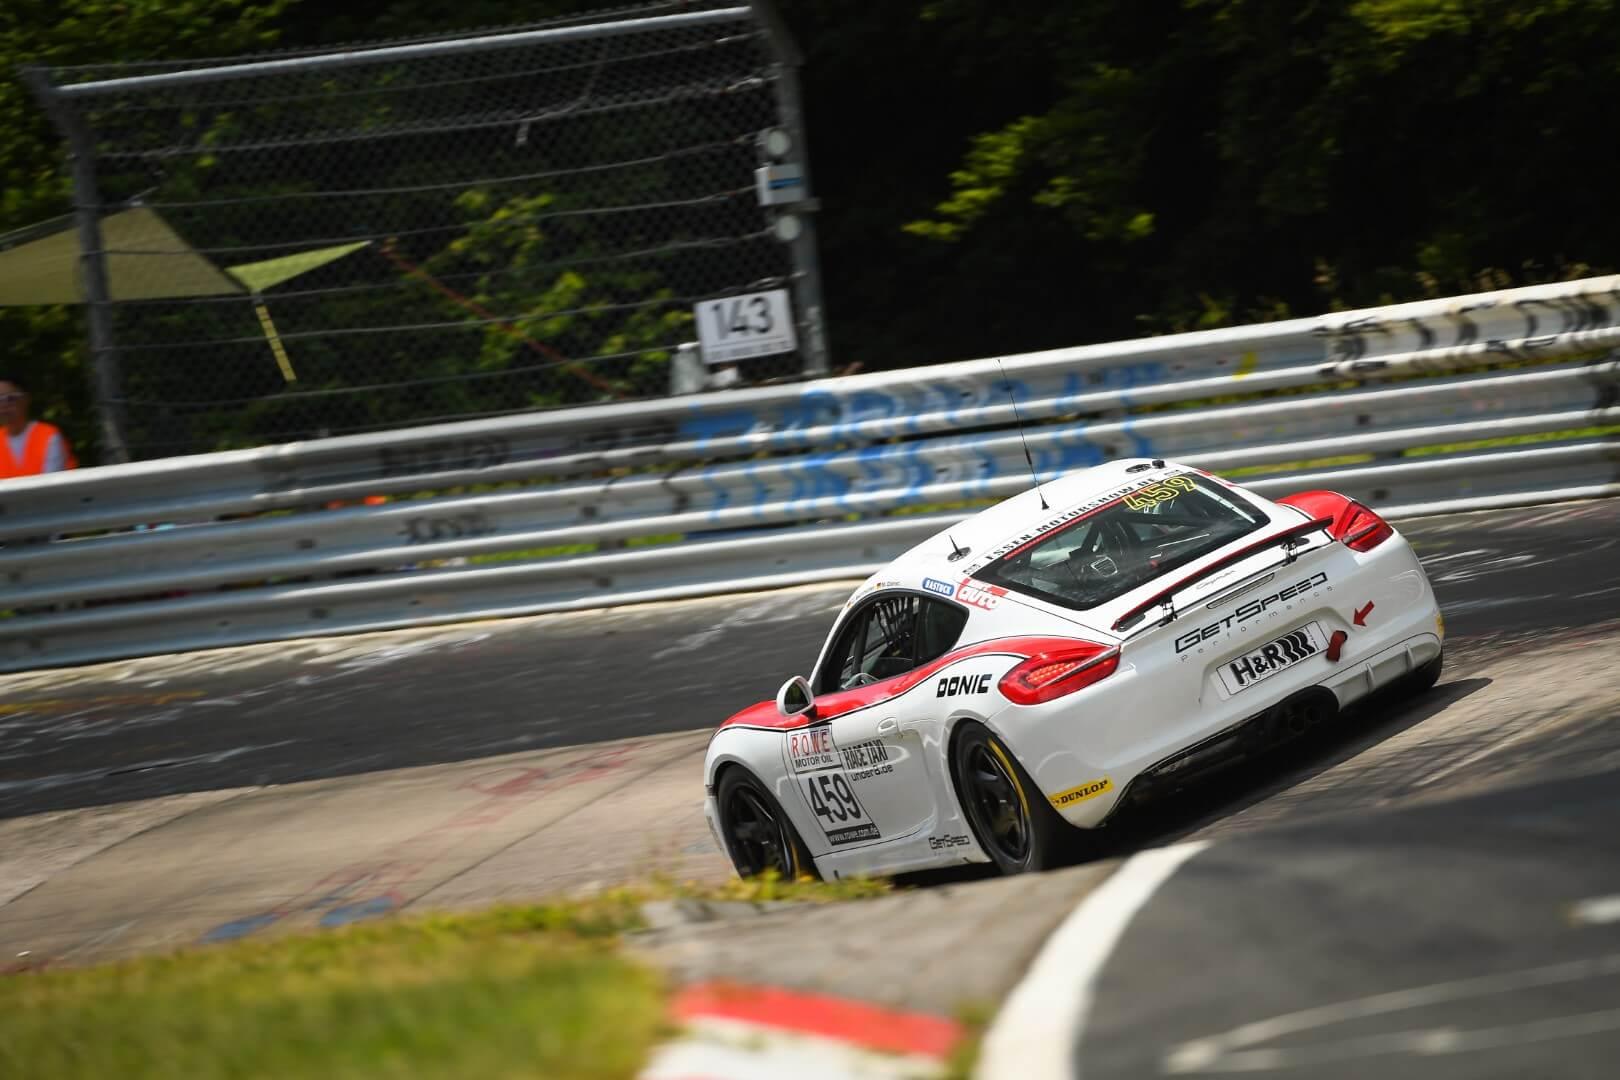 VLN 4. Lauf 2018, Nürburgring-Nordschleife - Foto: Gruppe C Photography; #459 Porsche Cayman, GIGASPEED Team GetSpeed Performance: Carrie Schreiner, Marvin Dienst